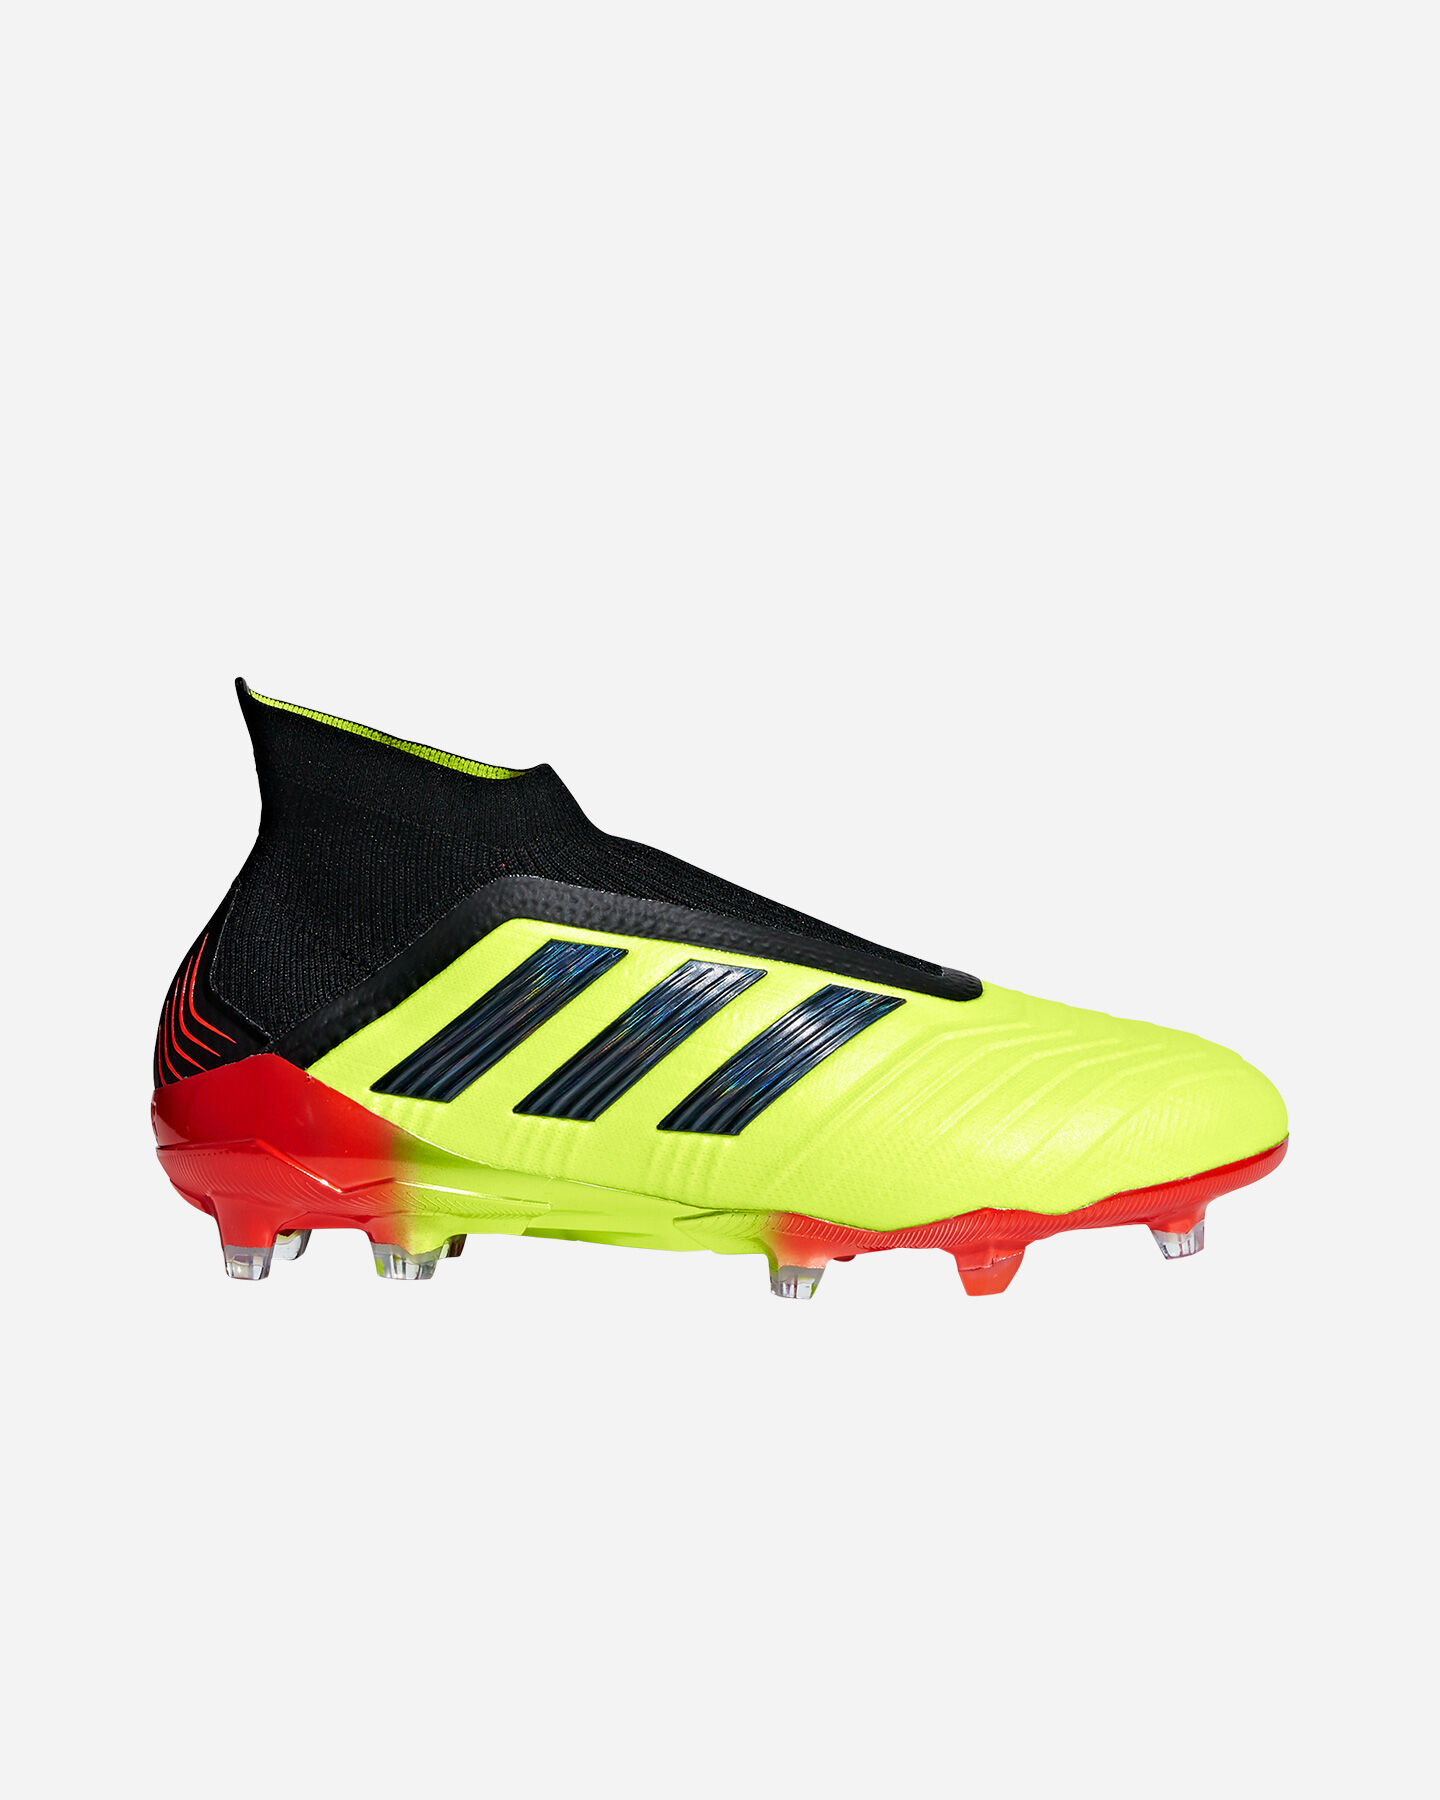 scarpe da calcio adidas predator nova